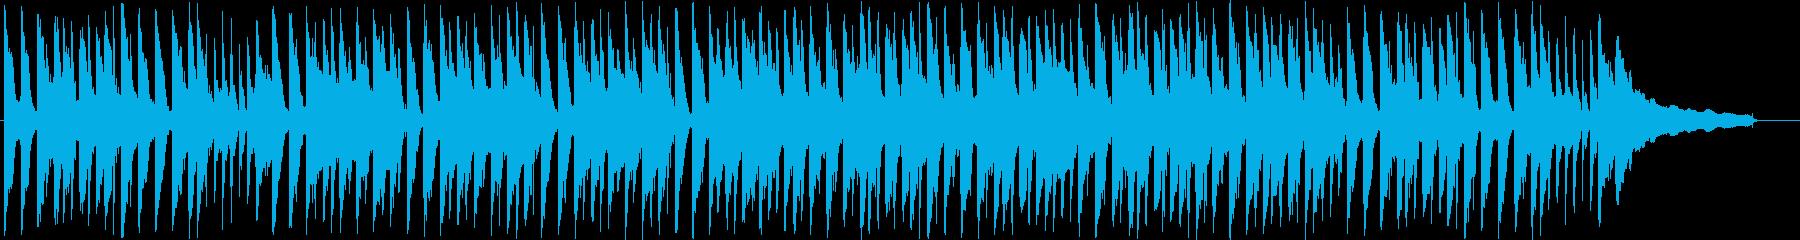 明るく楽しいほのぼのBGM♪の再生済みの波形